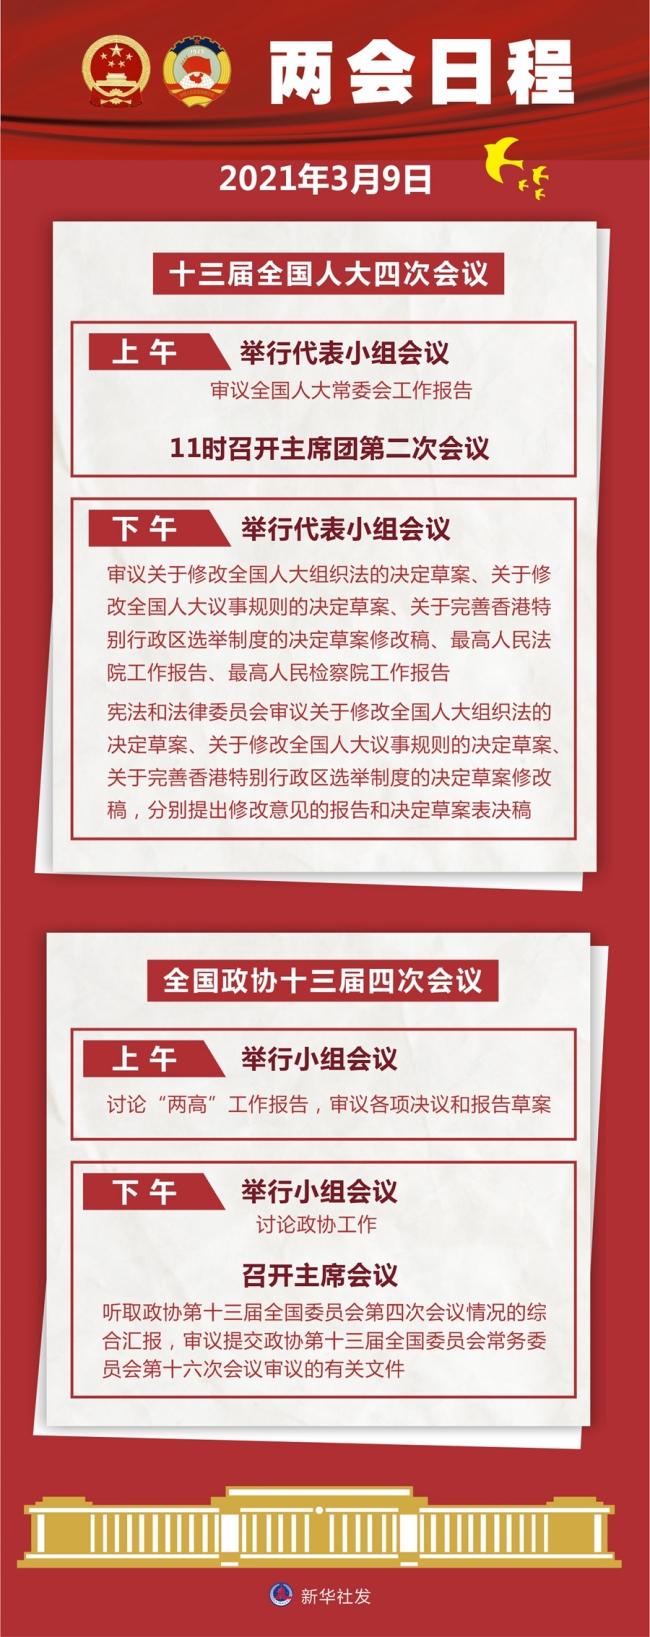 3月9日:人代会审议全国人大常委会工作报告等 政协举行小组